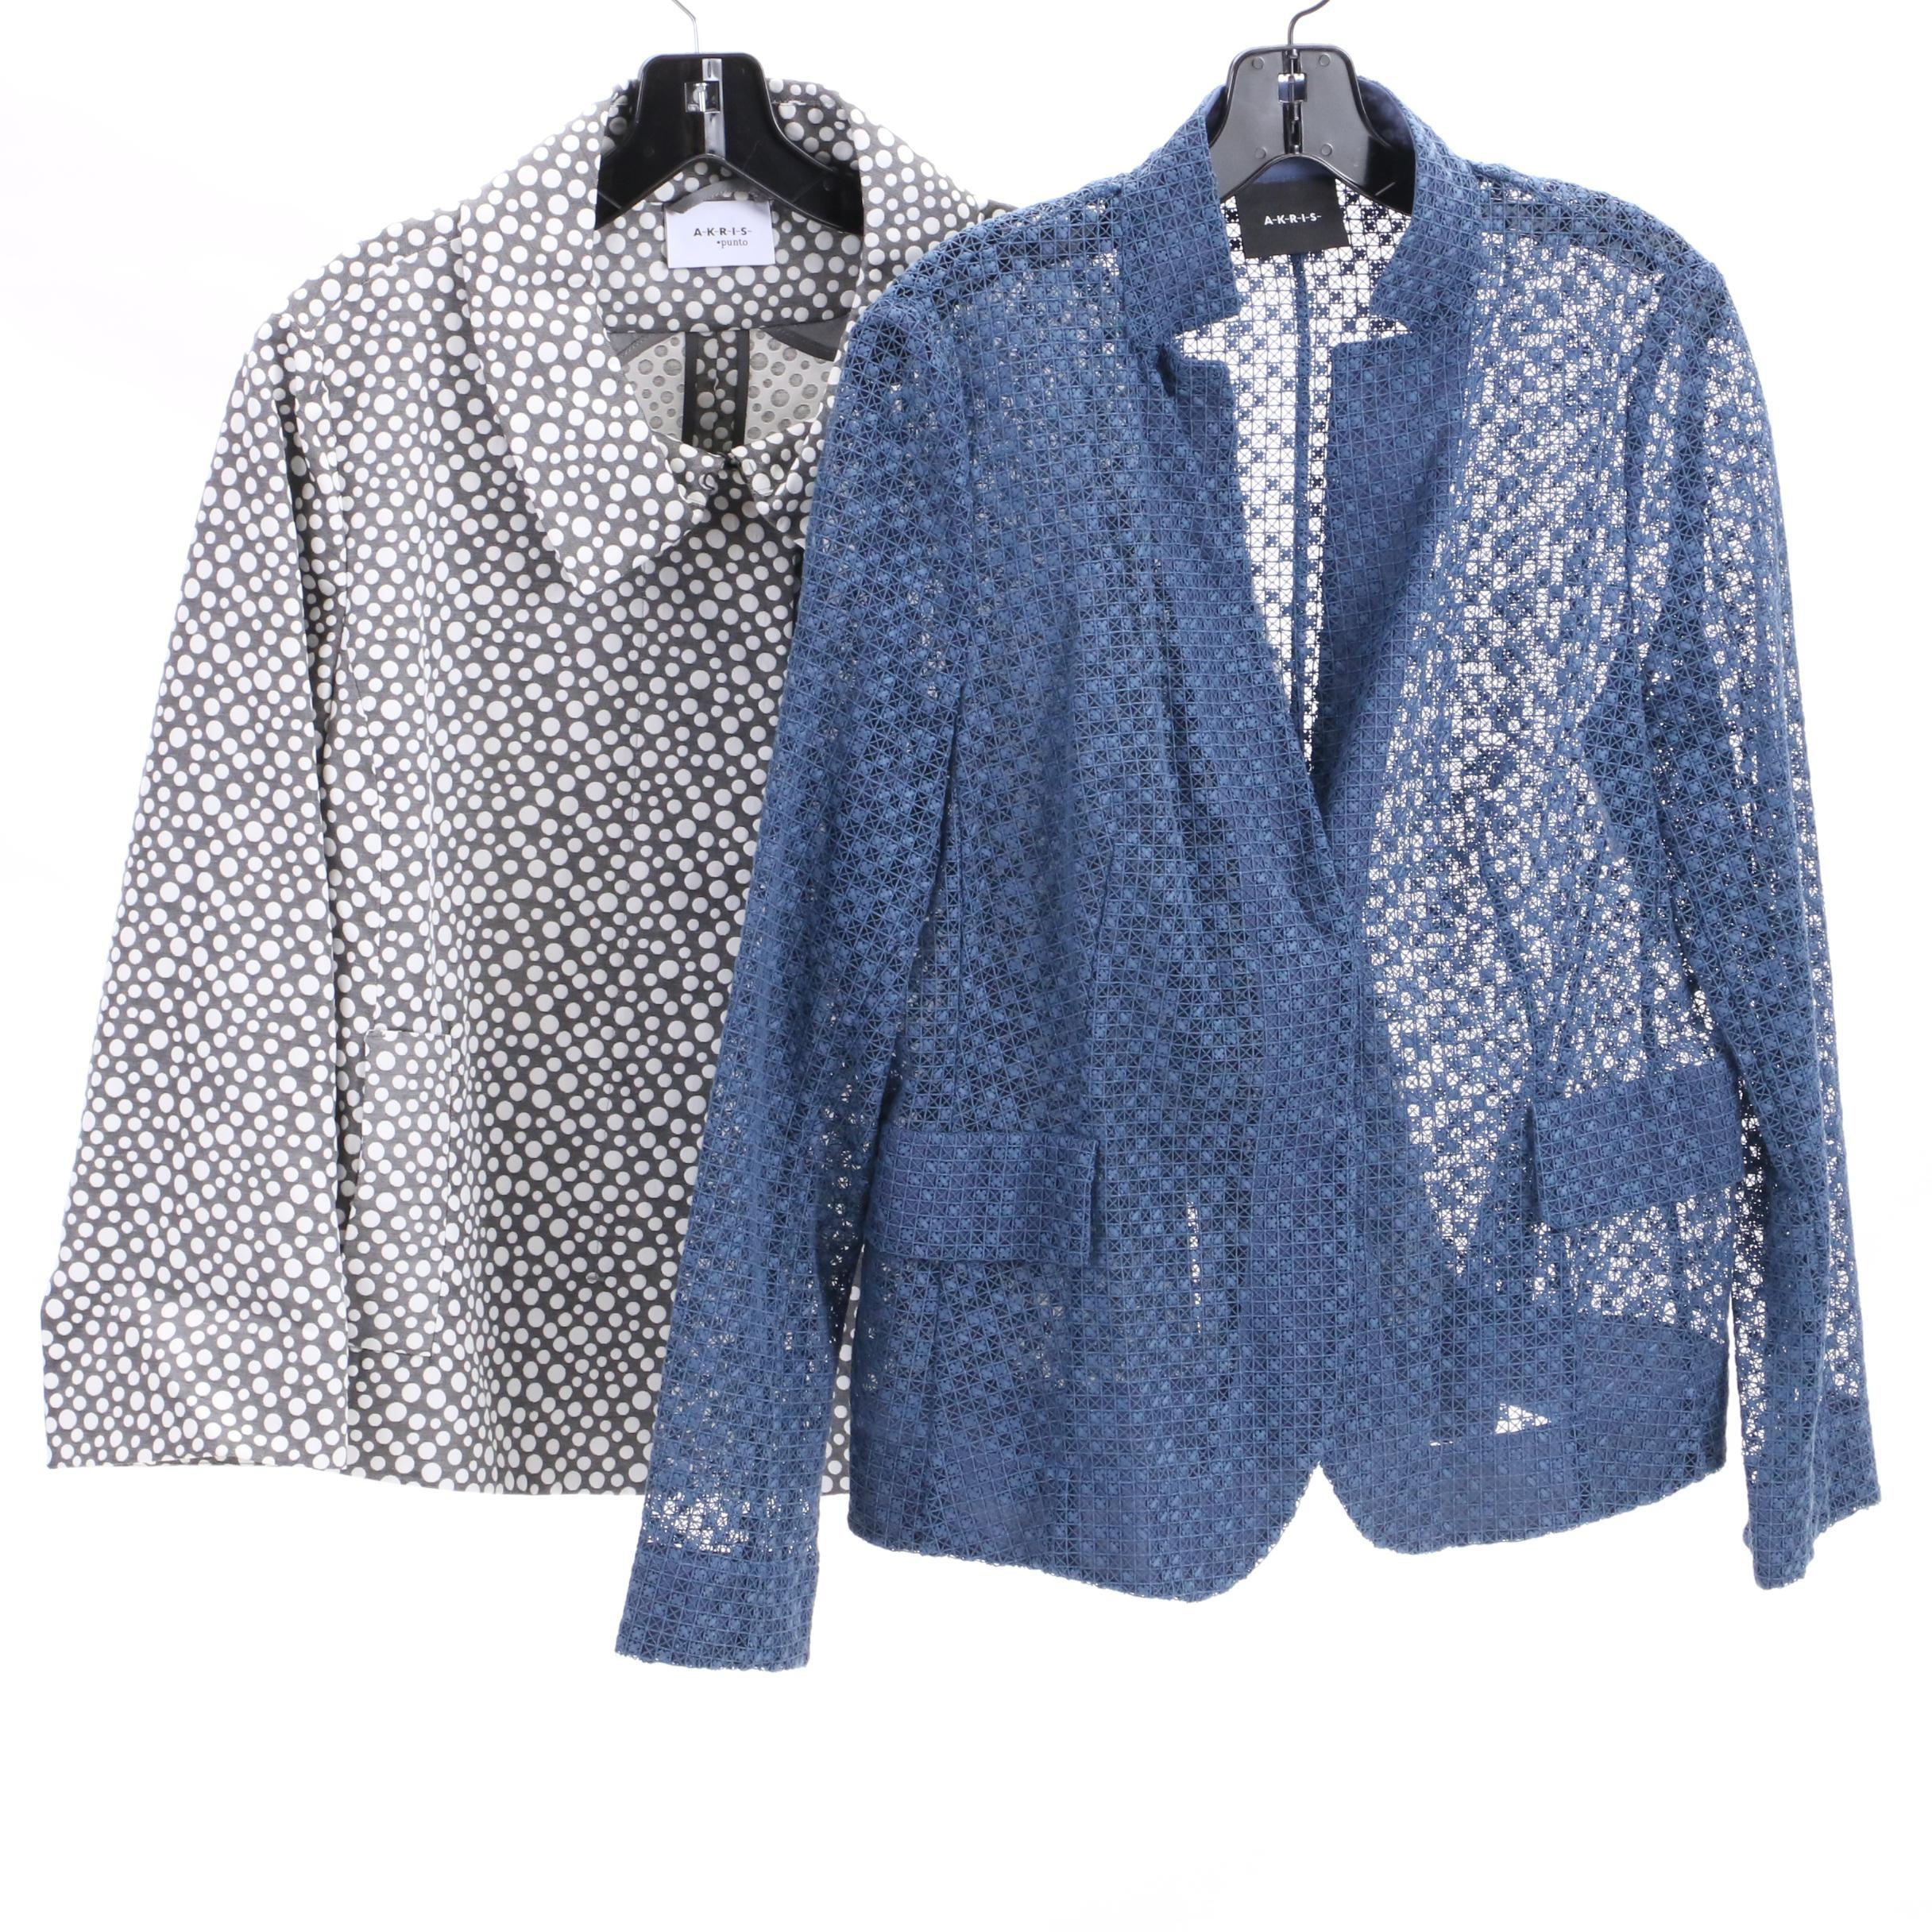 Akris and Akris Punto Jackets